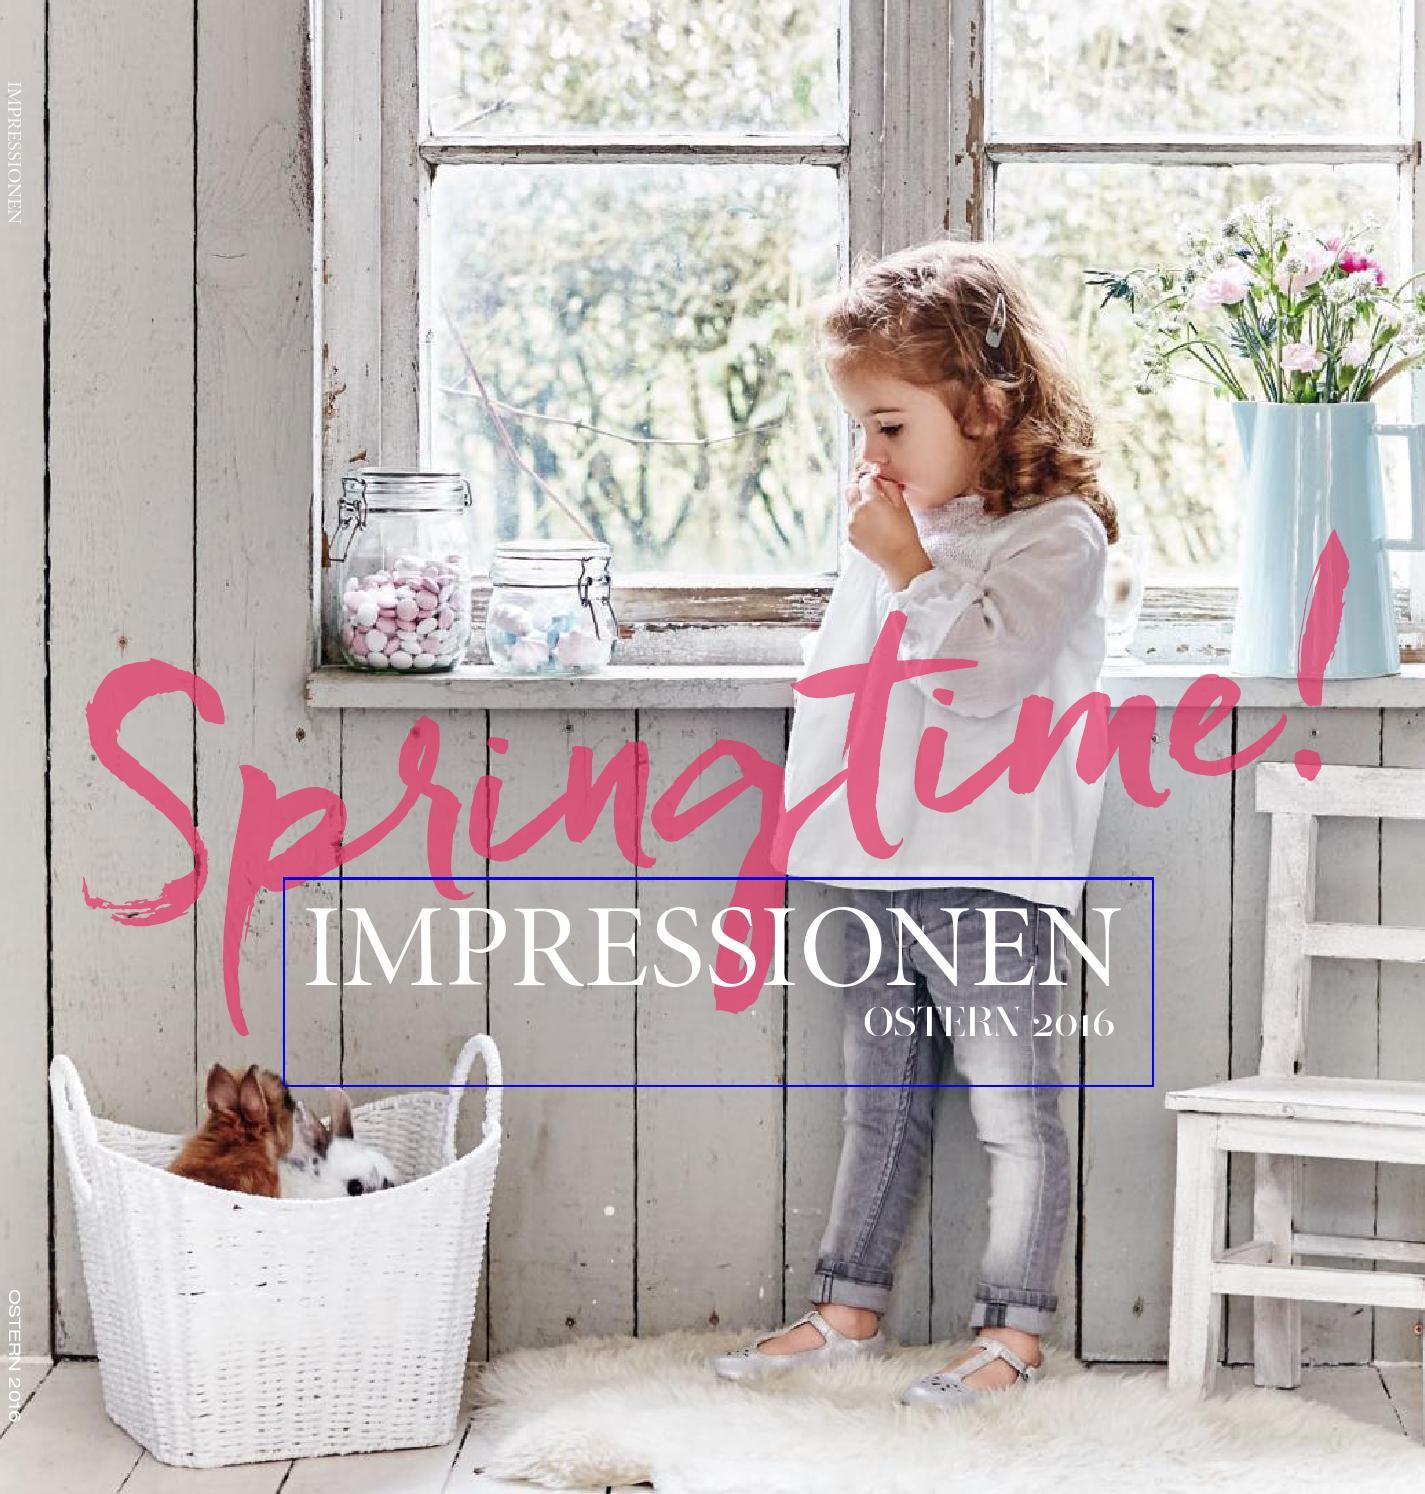 Каталог Impressionen3 Весна Лето 2016.Заказ одежды на www